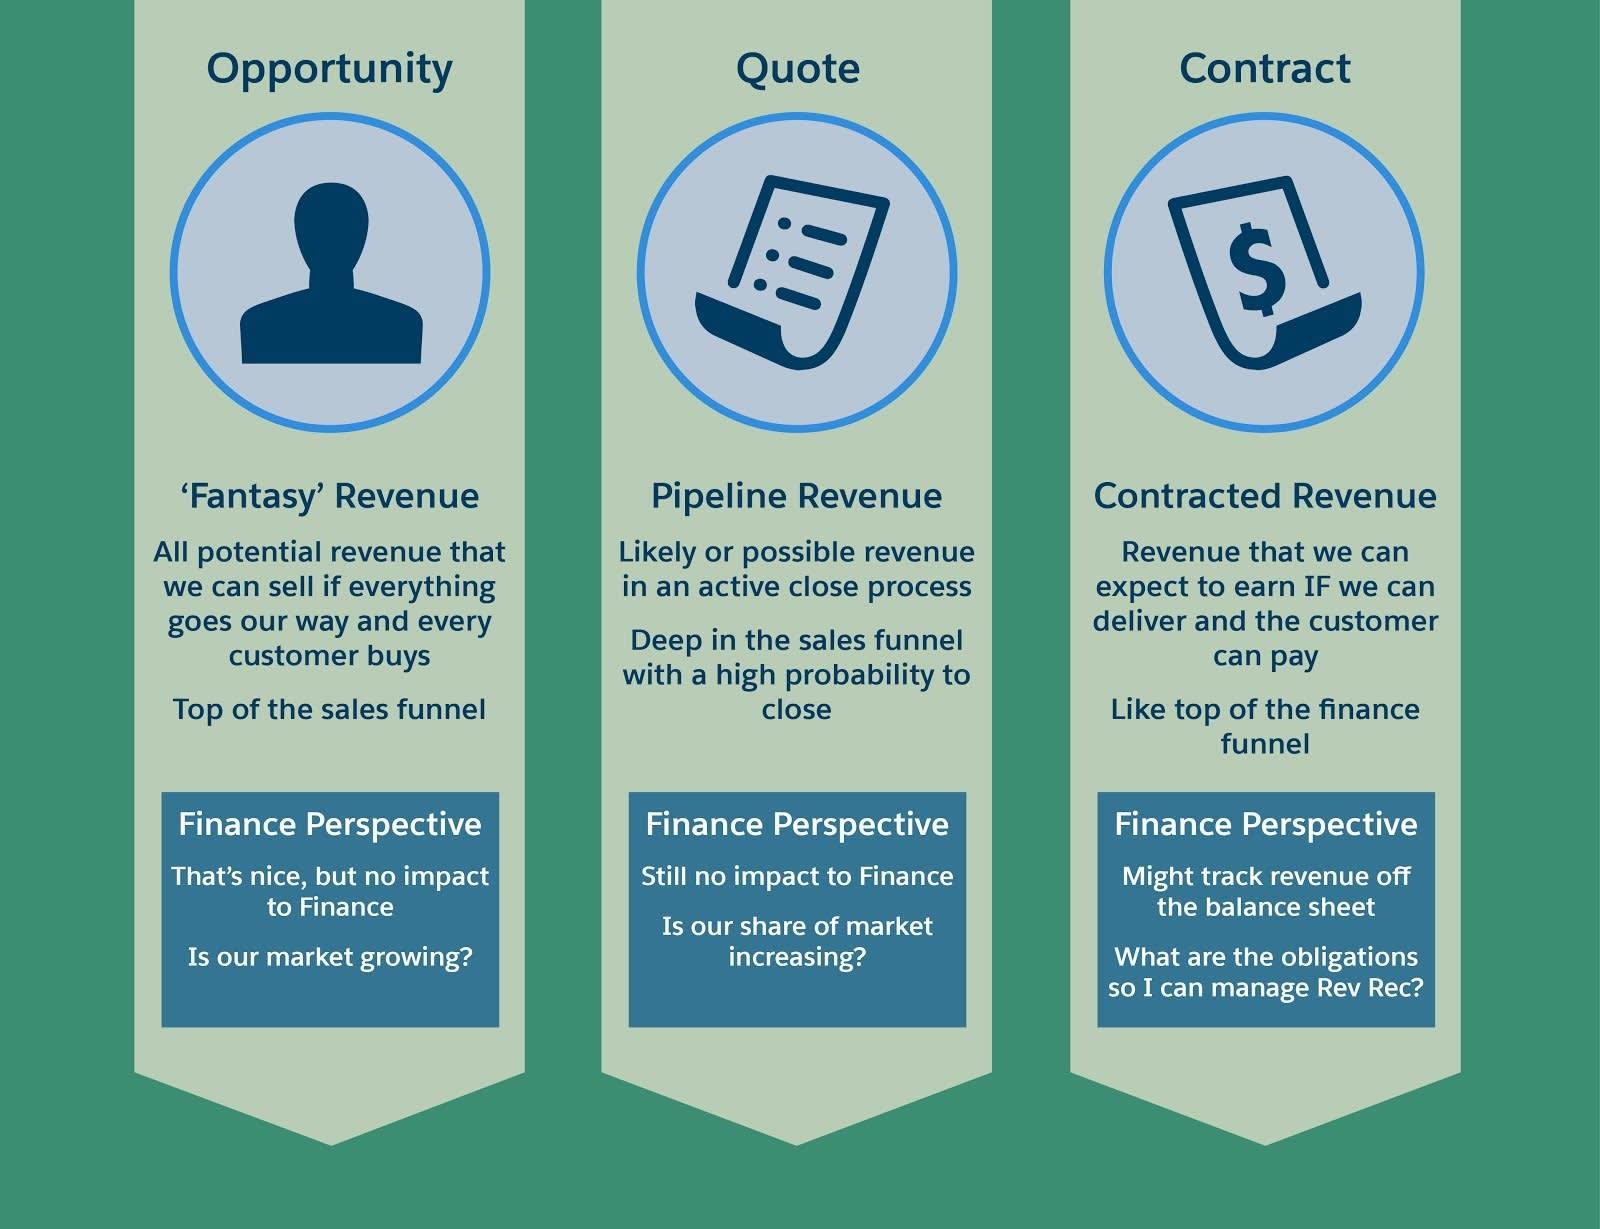 Tradicionalmente, os estágios da venda (como oportunidade, cotação e contrato) passam longe do financeiro.